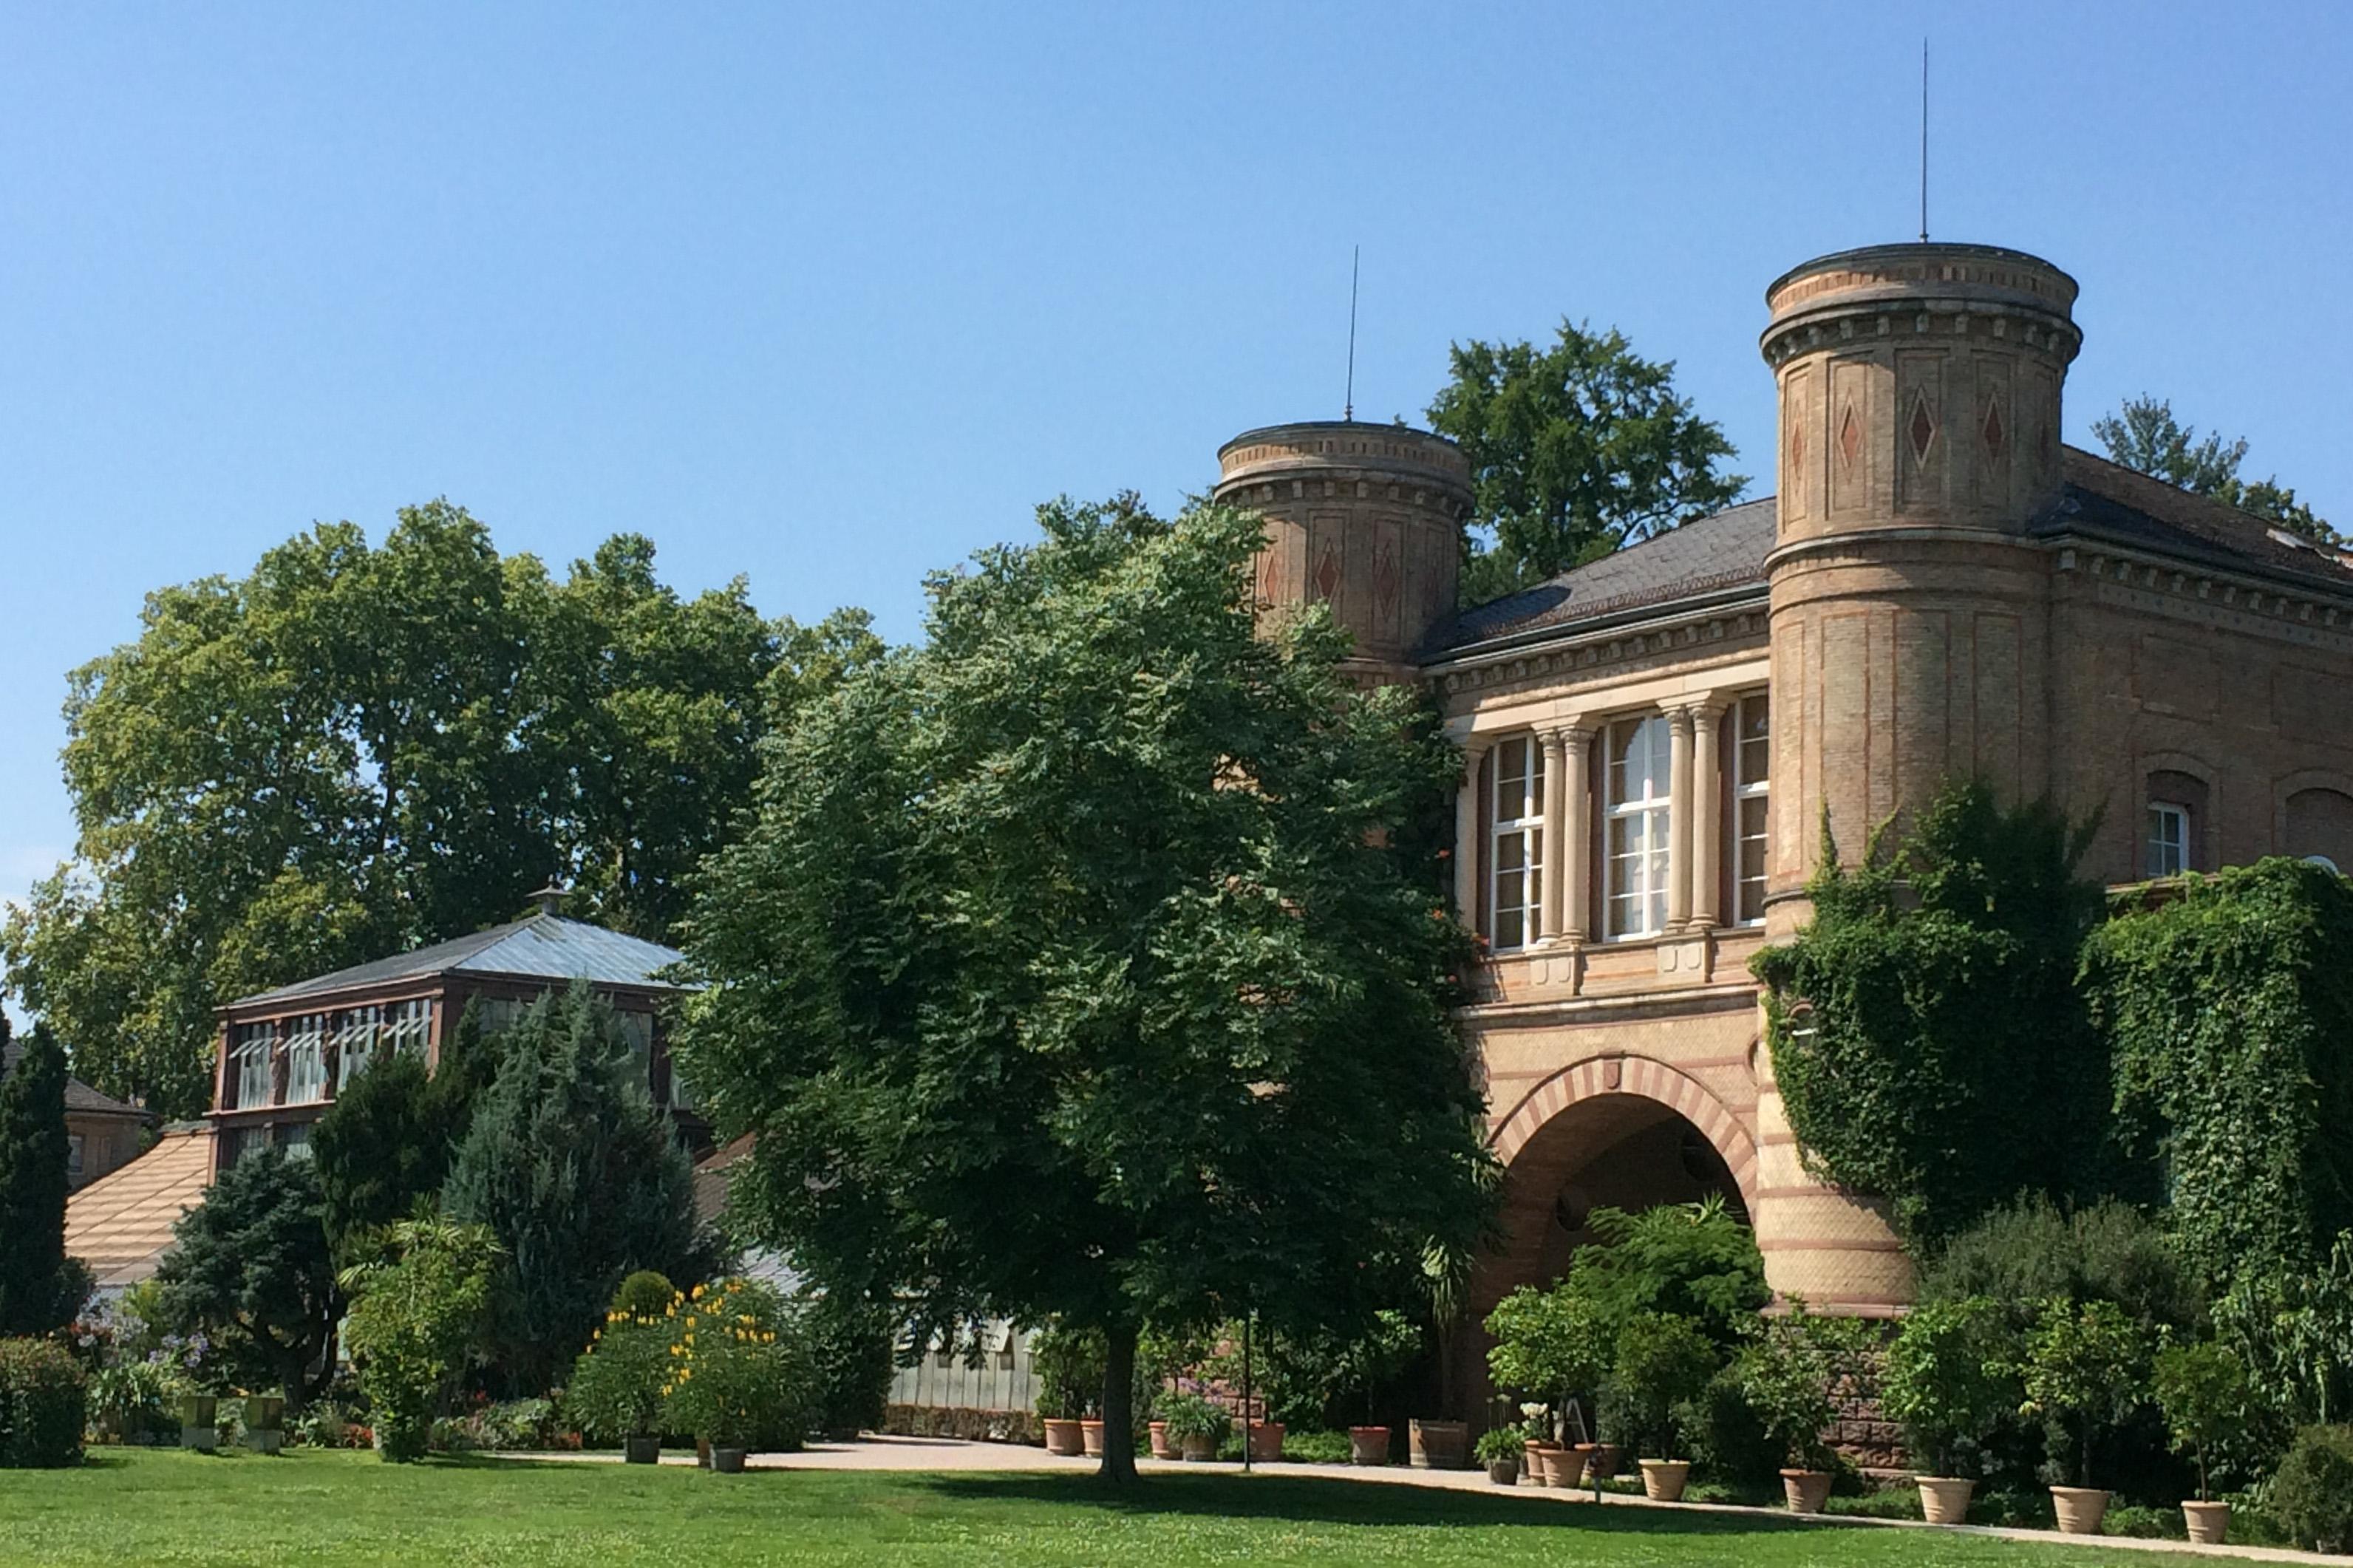 Der Torbogenbau im Botanischen Garten Karlsruhe